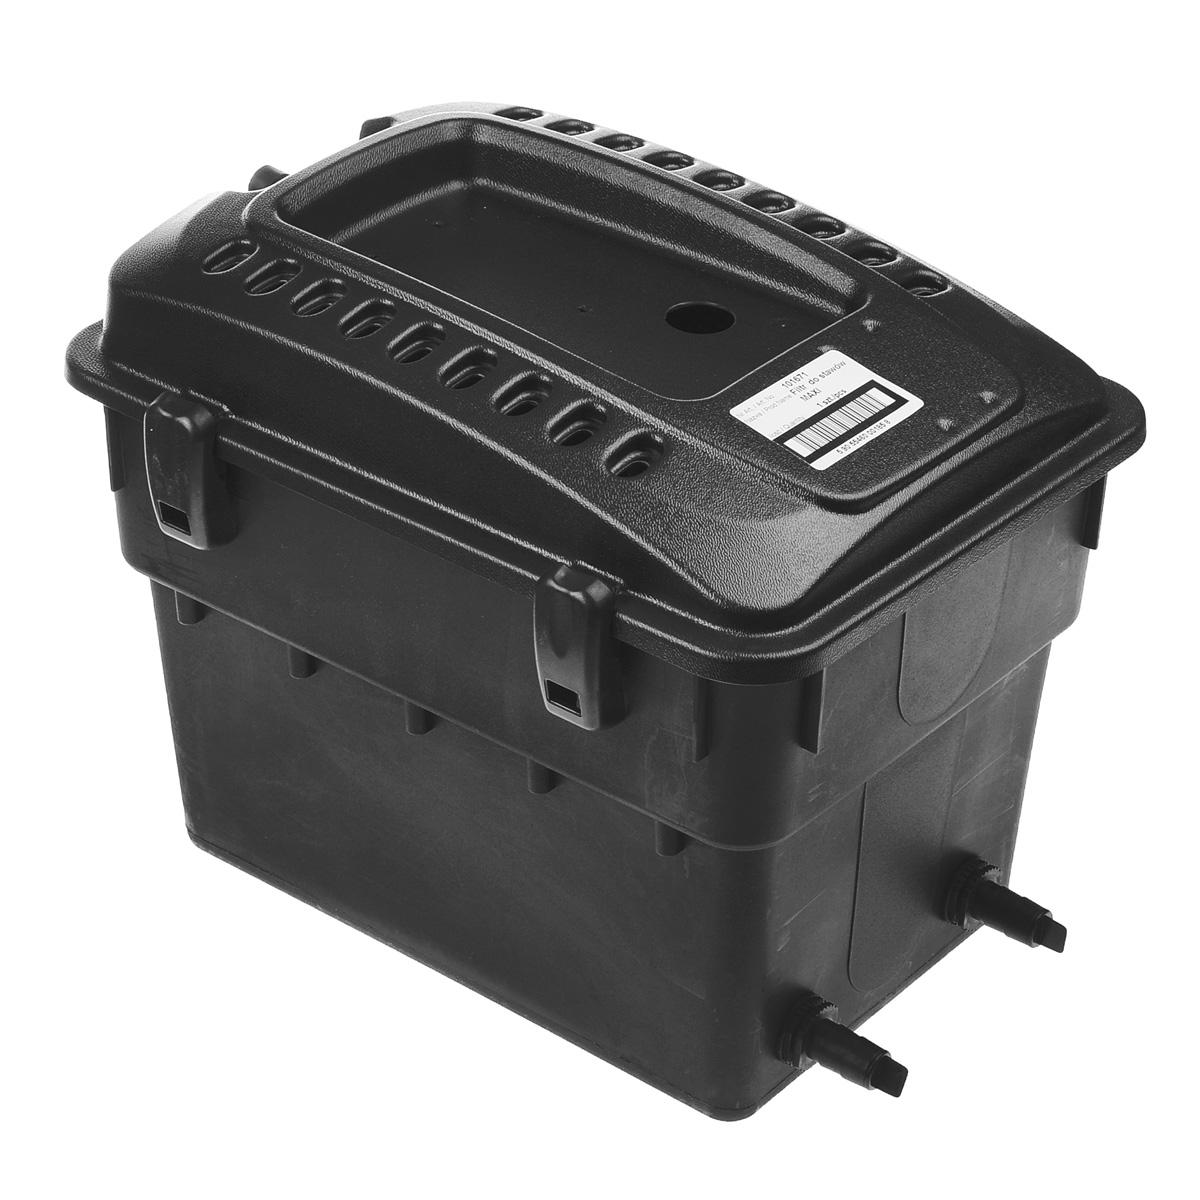 """Фильтр для декоративного пруда """"Aquael"""" является наружным фильтром. Его можно размещать на берегу пруда или на водопаде. Работает совместно с насосом Aquajet PFN. Такой фильтр обеспечивает механическую и биологическую очистку водоема. Рассчитан на непрерывную работу и приспособлен к работе как в полностью погруженном состоянии, так и в наружном положении.  Максимальный объем: 5 м3.  Размер фильтра: 50 см х 38 см х 40 см."""